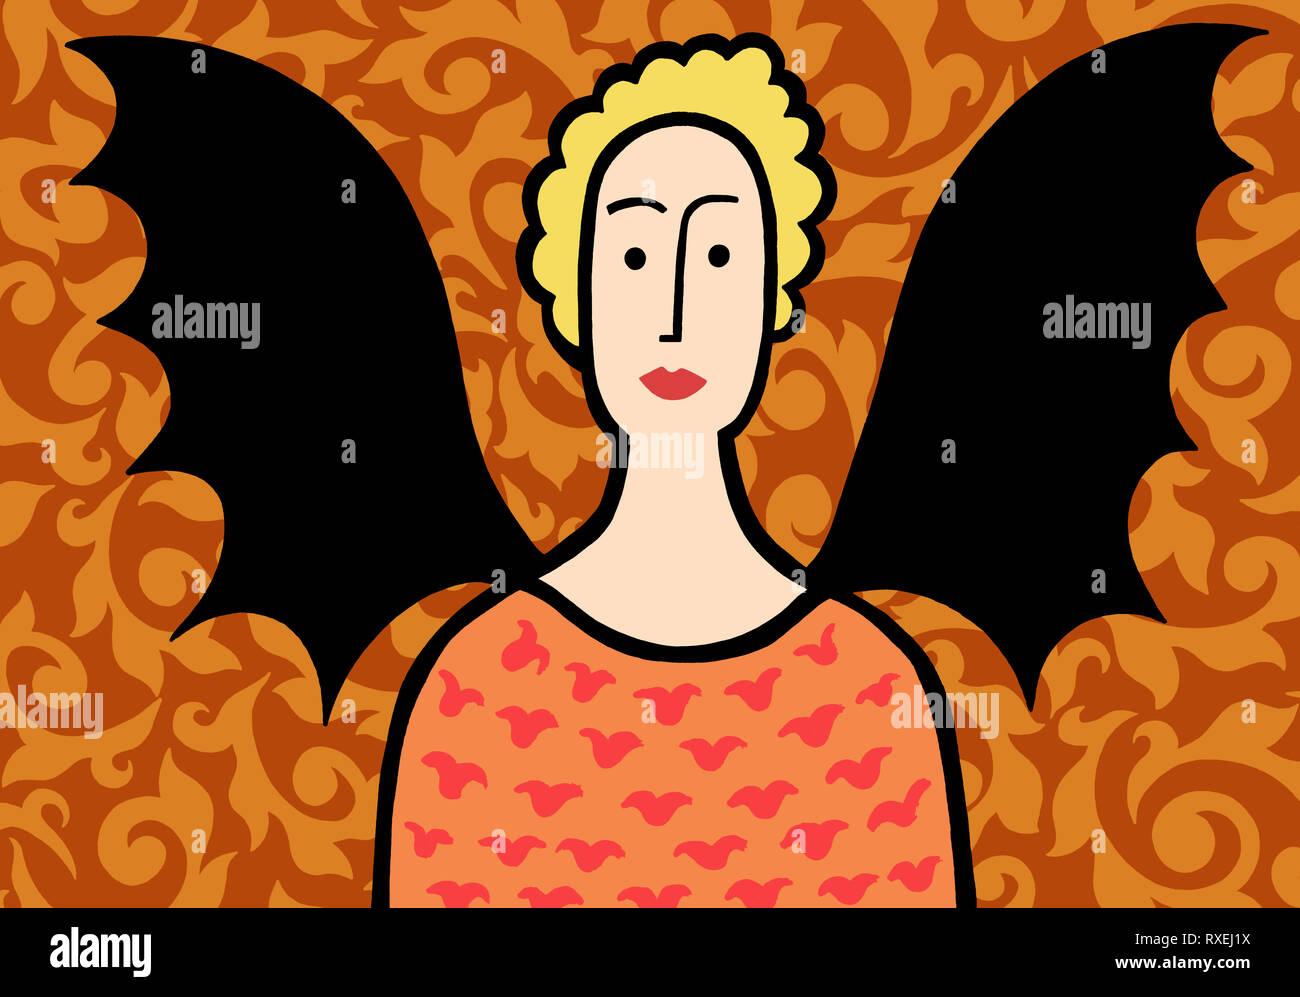 Bat lady - Stock Image